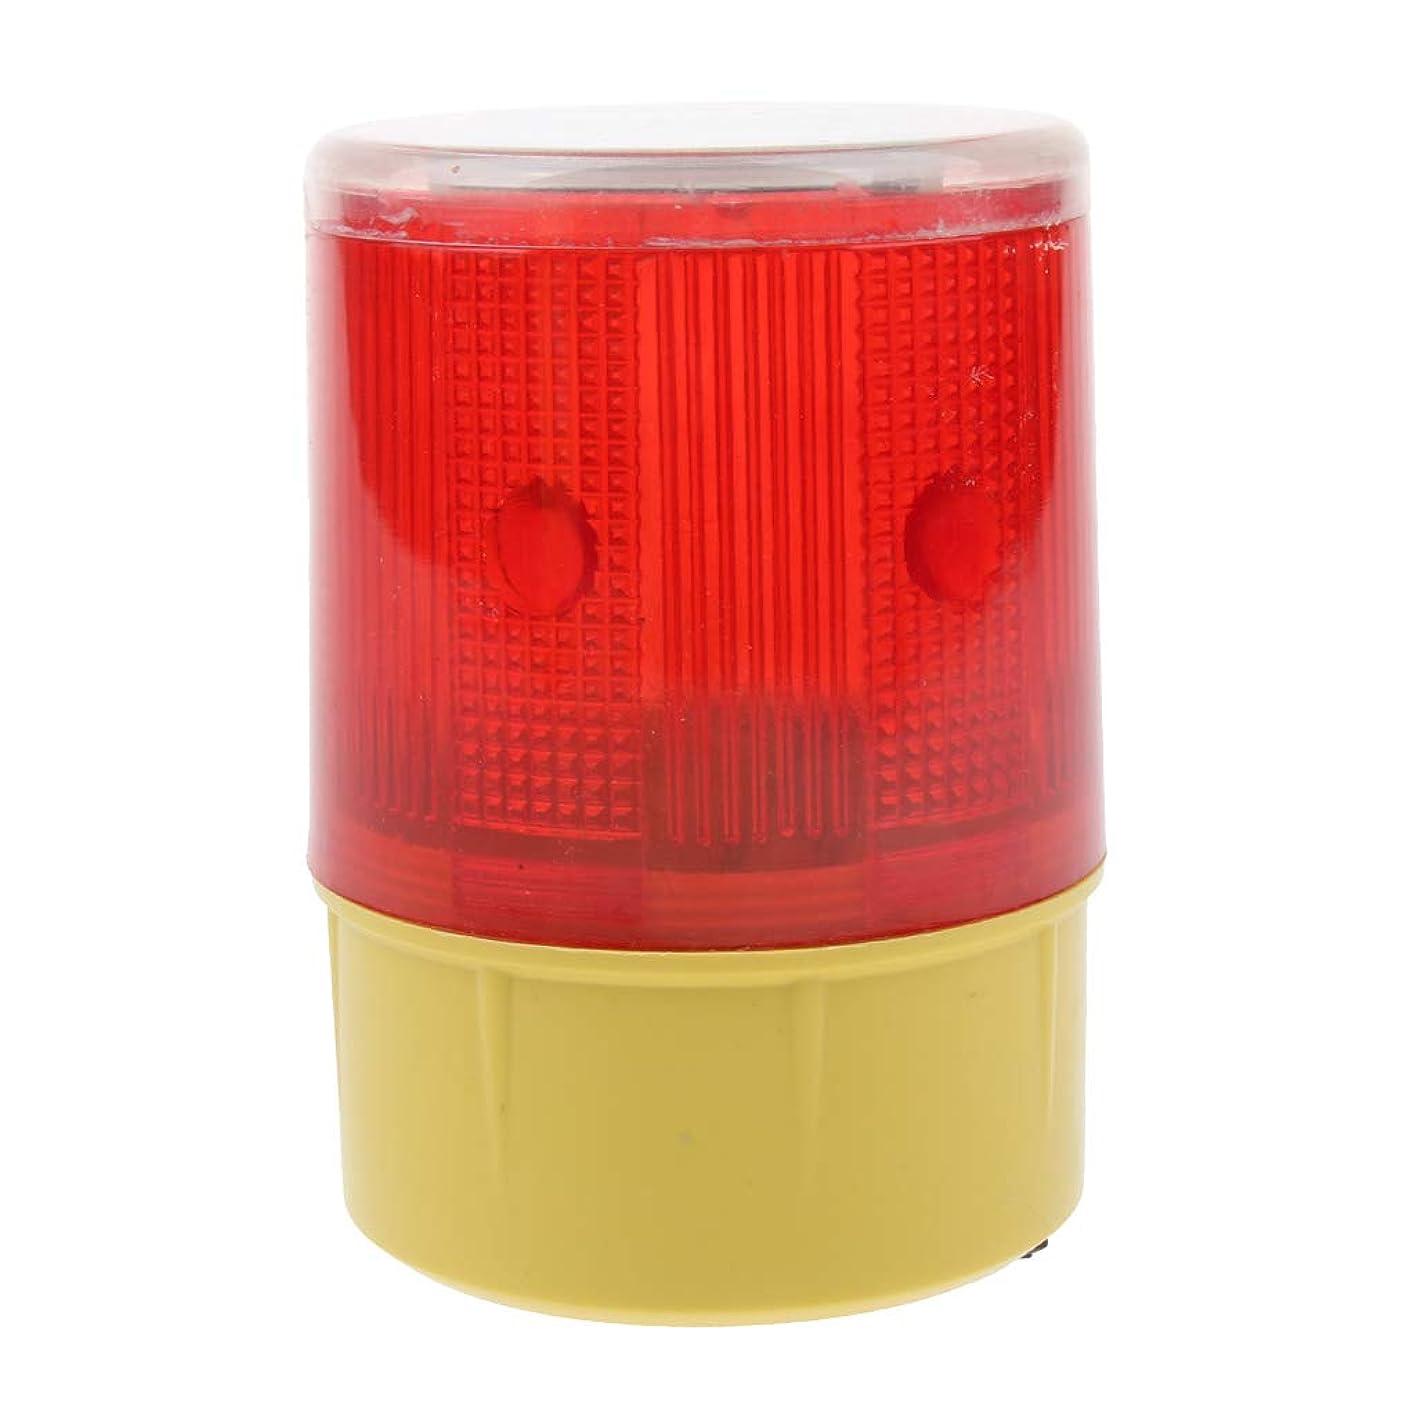 日曜日シンプルさ分類するLED フラッシュ ライト 回転灯 ソーラー 充電式 高輝度 点滅 フラッシュライト 防水IP55